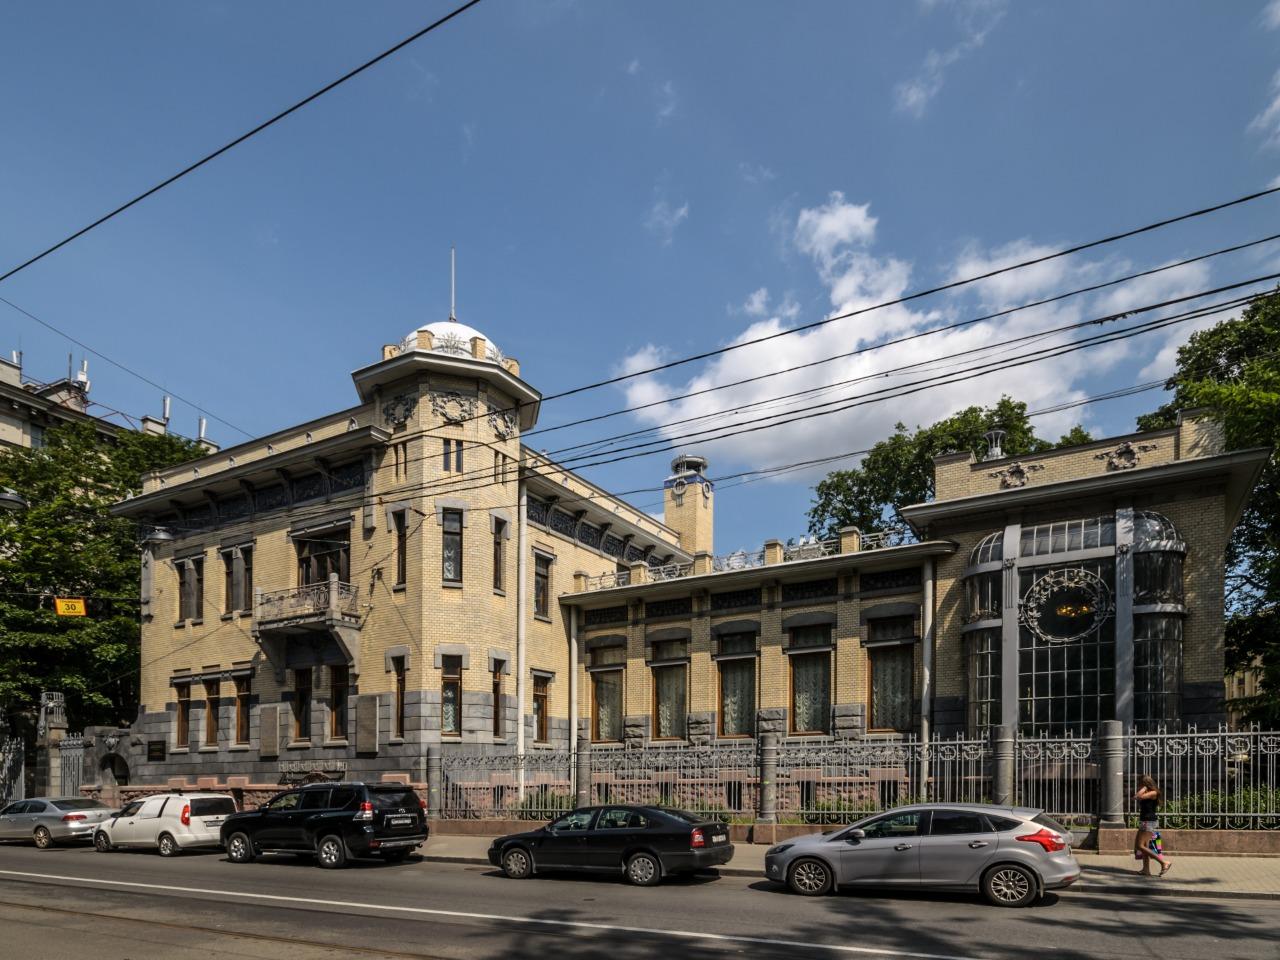 Вокруг Петропавловский крепости - индивидуальная экскурсия по Санкт-Петербургу от опытного гида